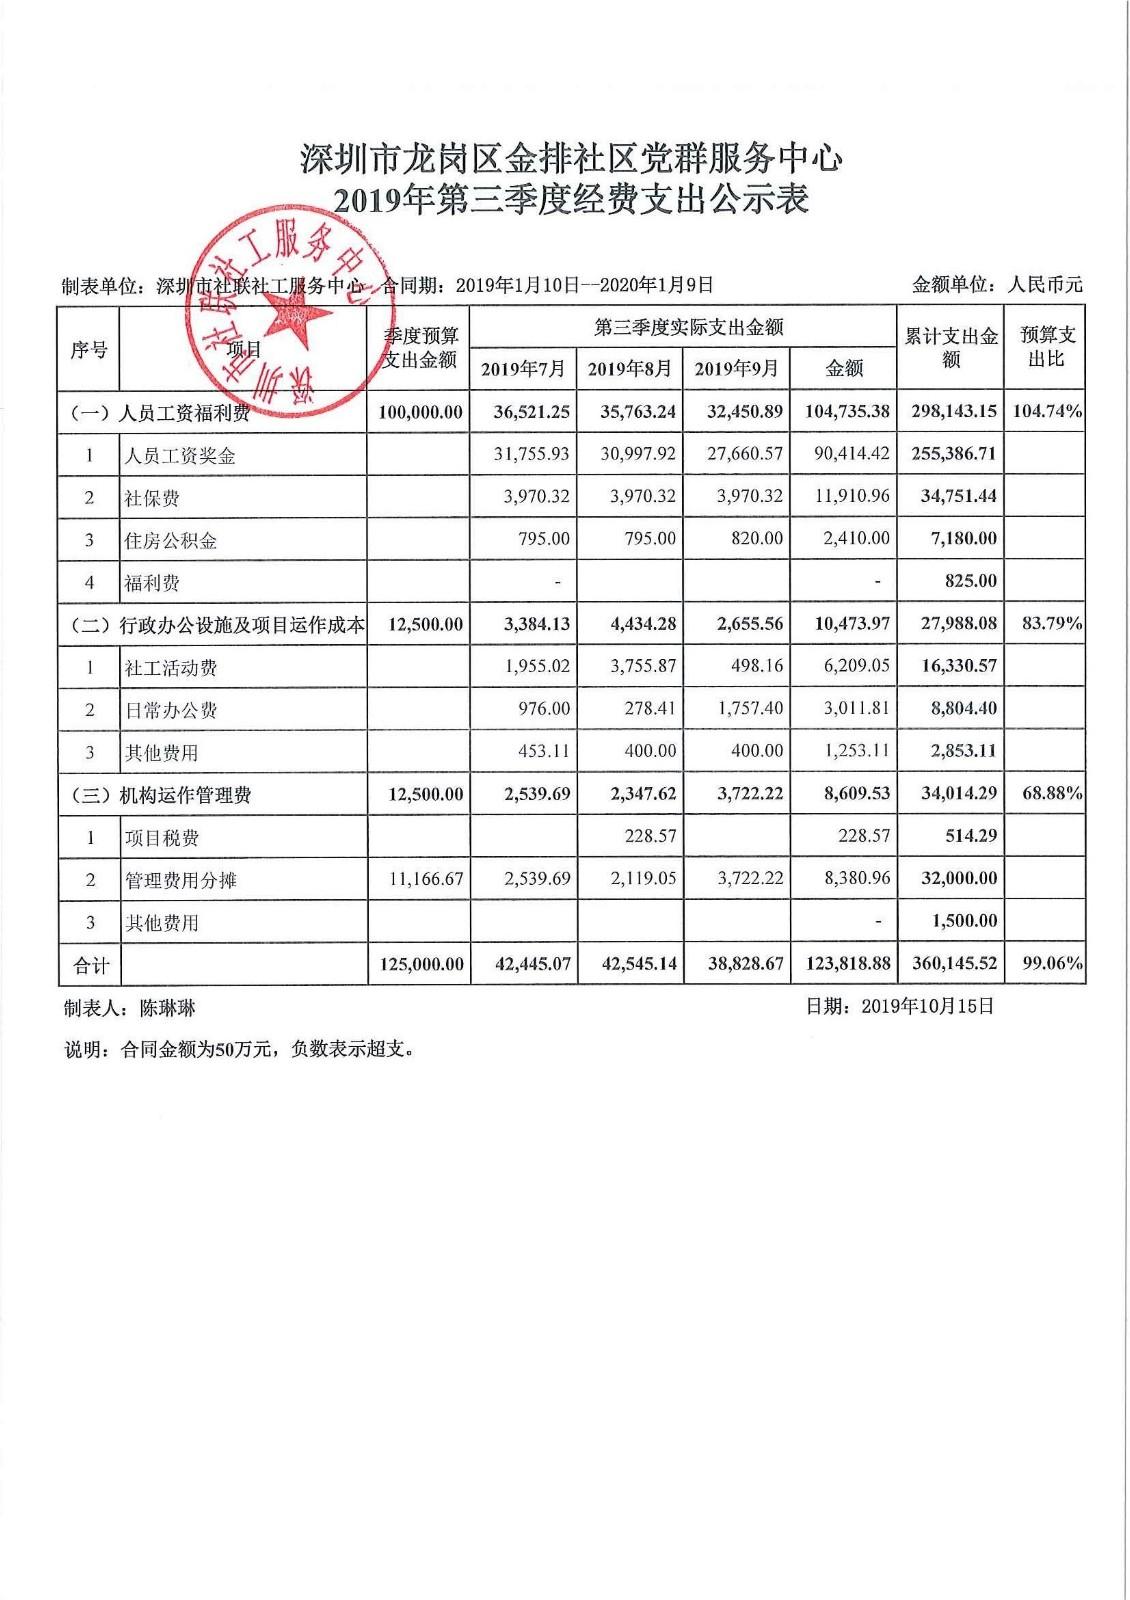 2019年第三季度金排社区费用公示表